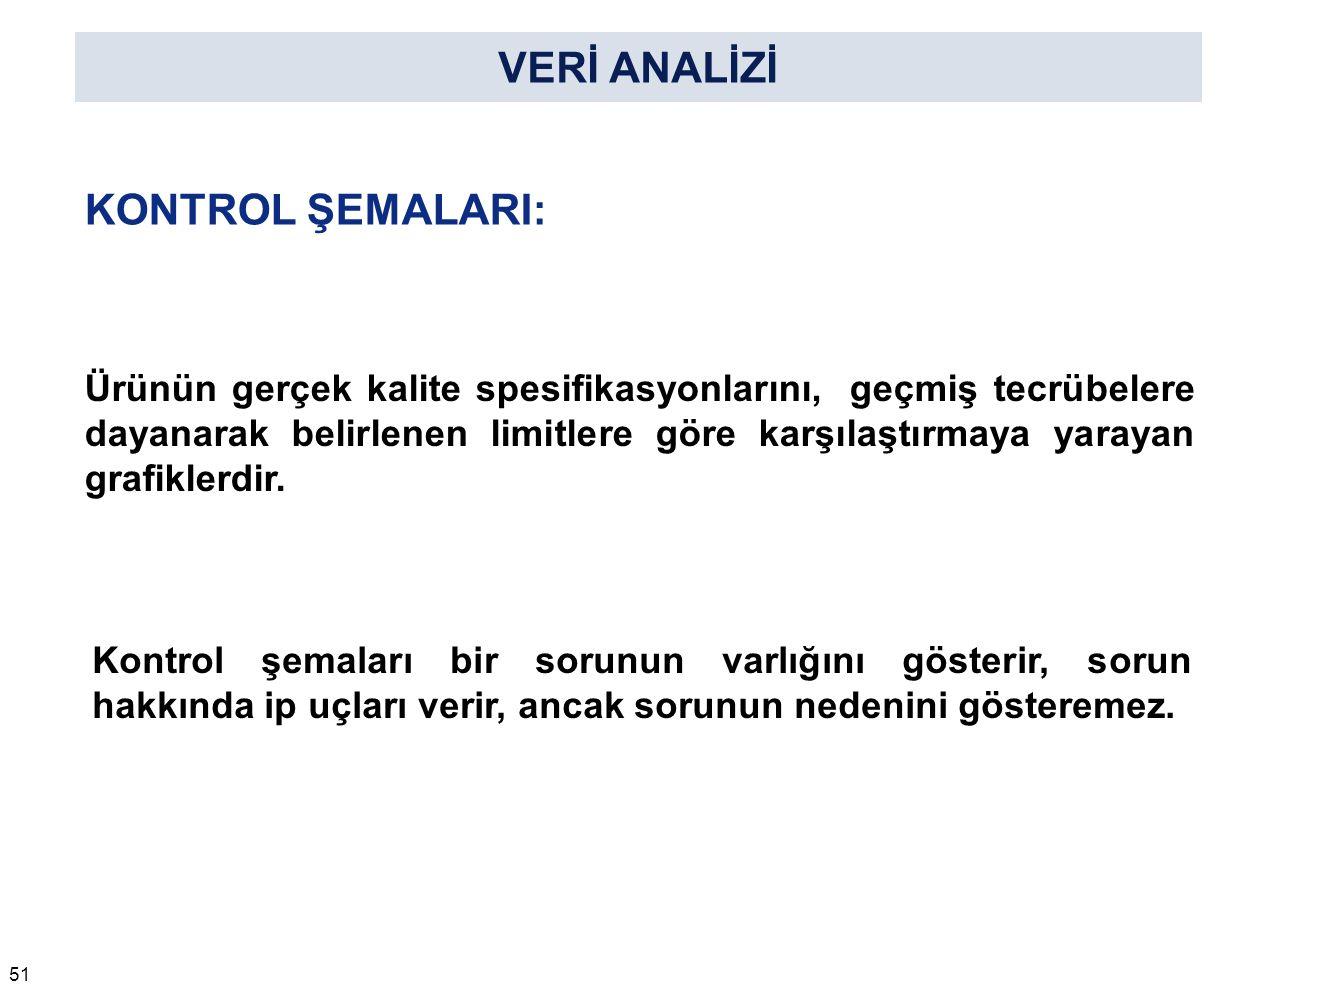 KONTROL ŞEMALARININ KULLANIMI: